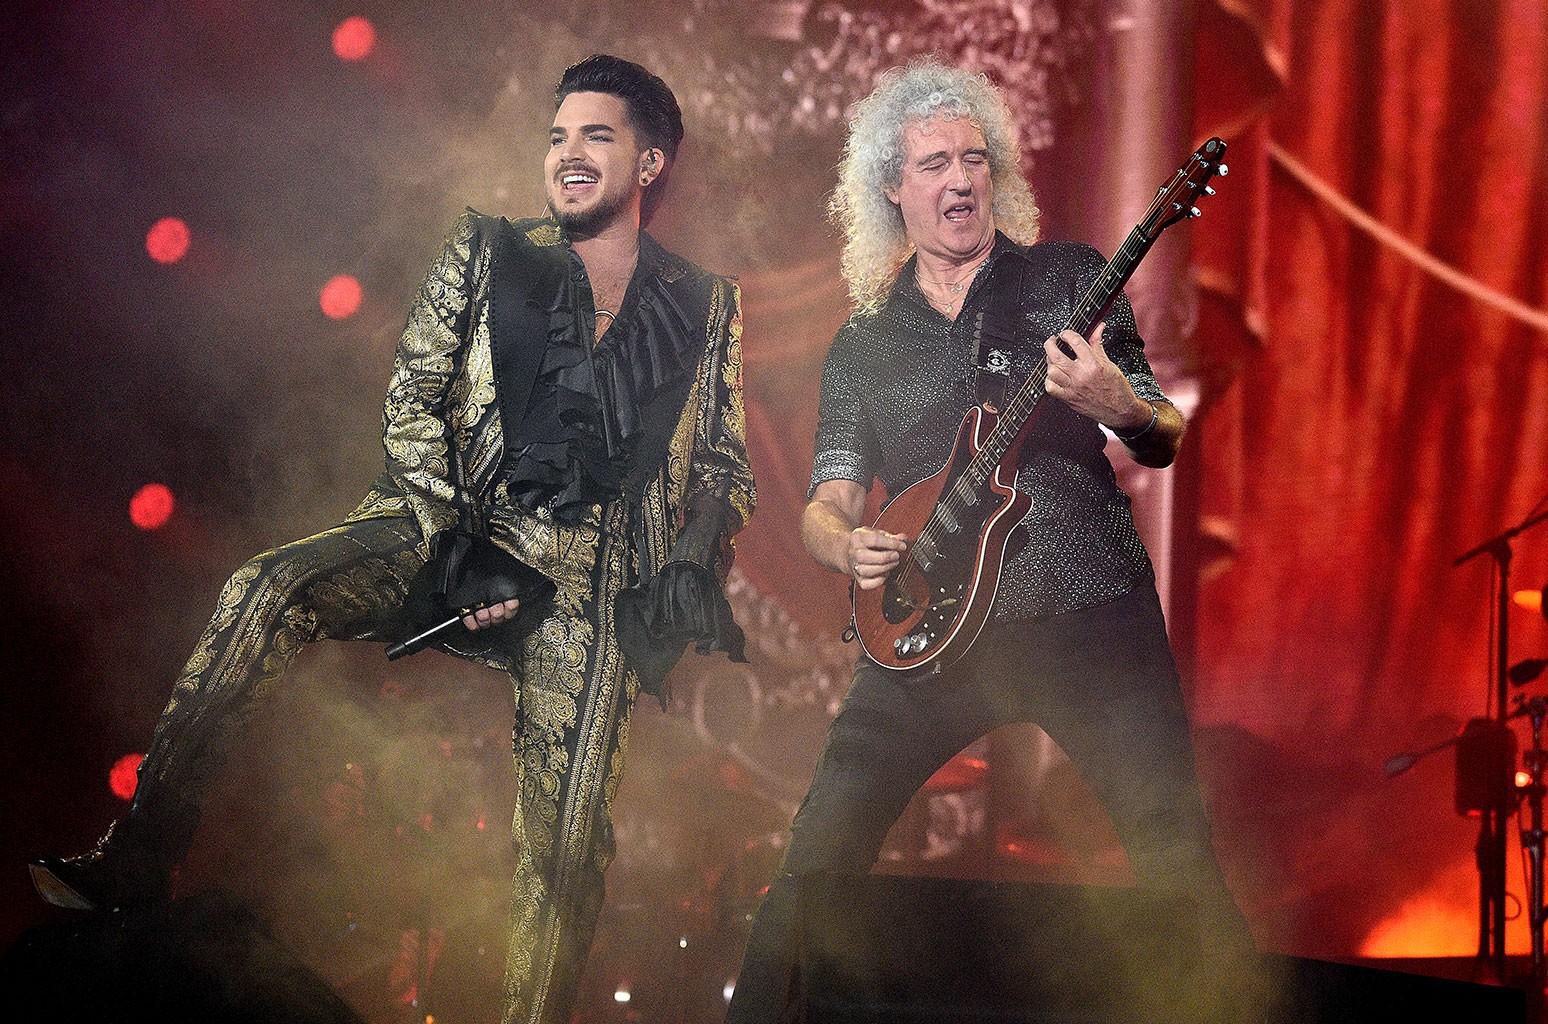 Queen запускают первую в истории официальную мобильную ритм-игру: Queen: Rock Tour